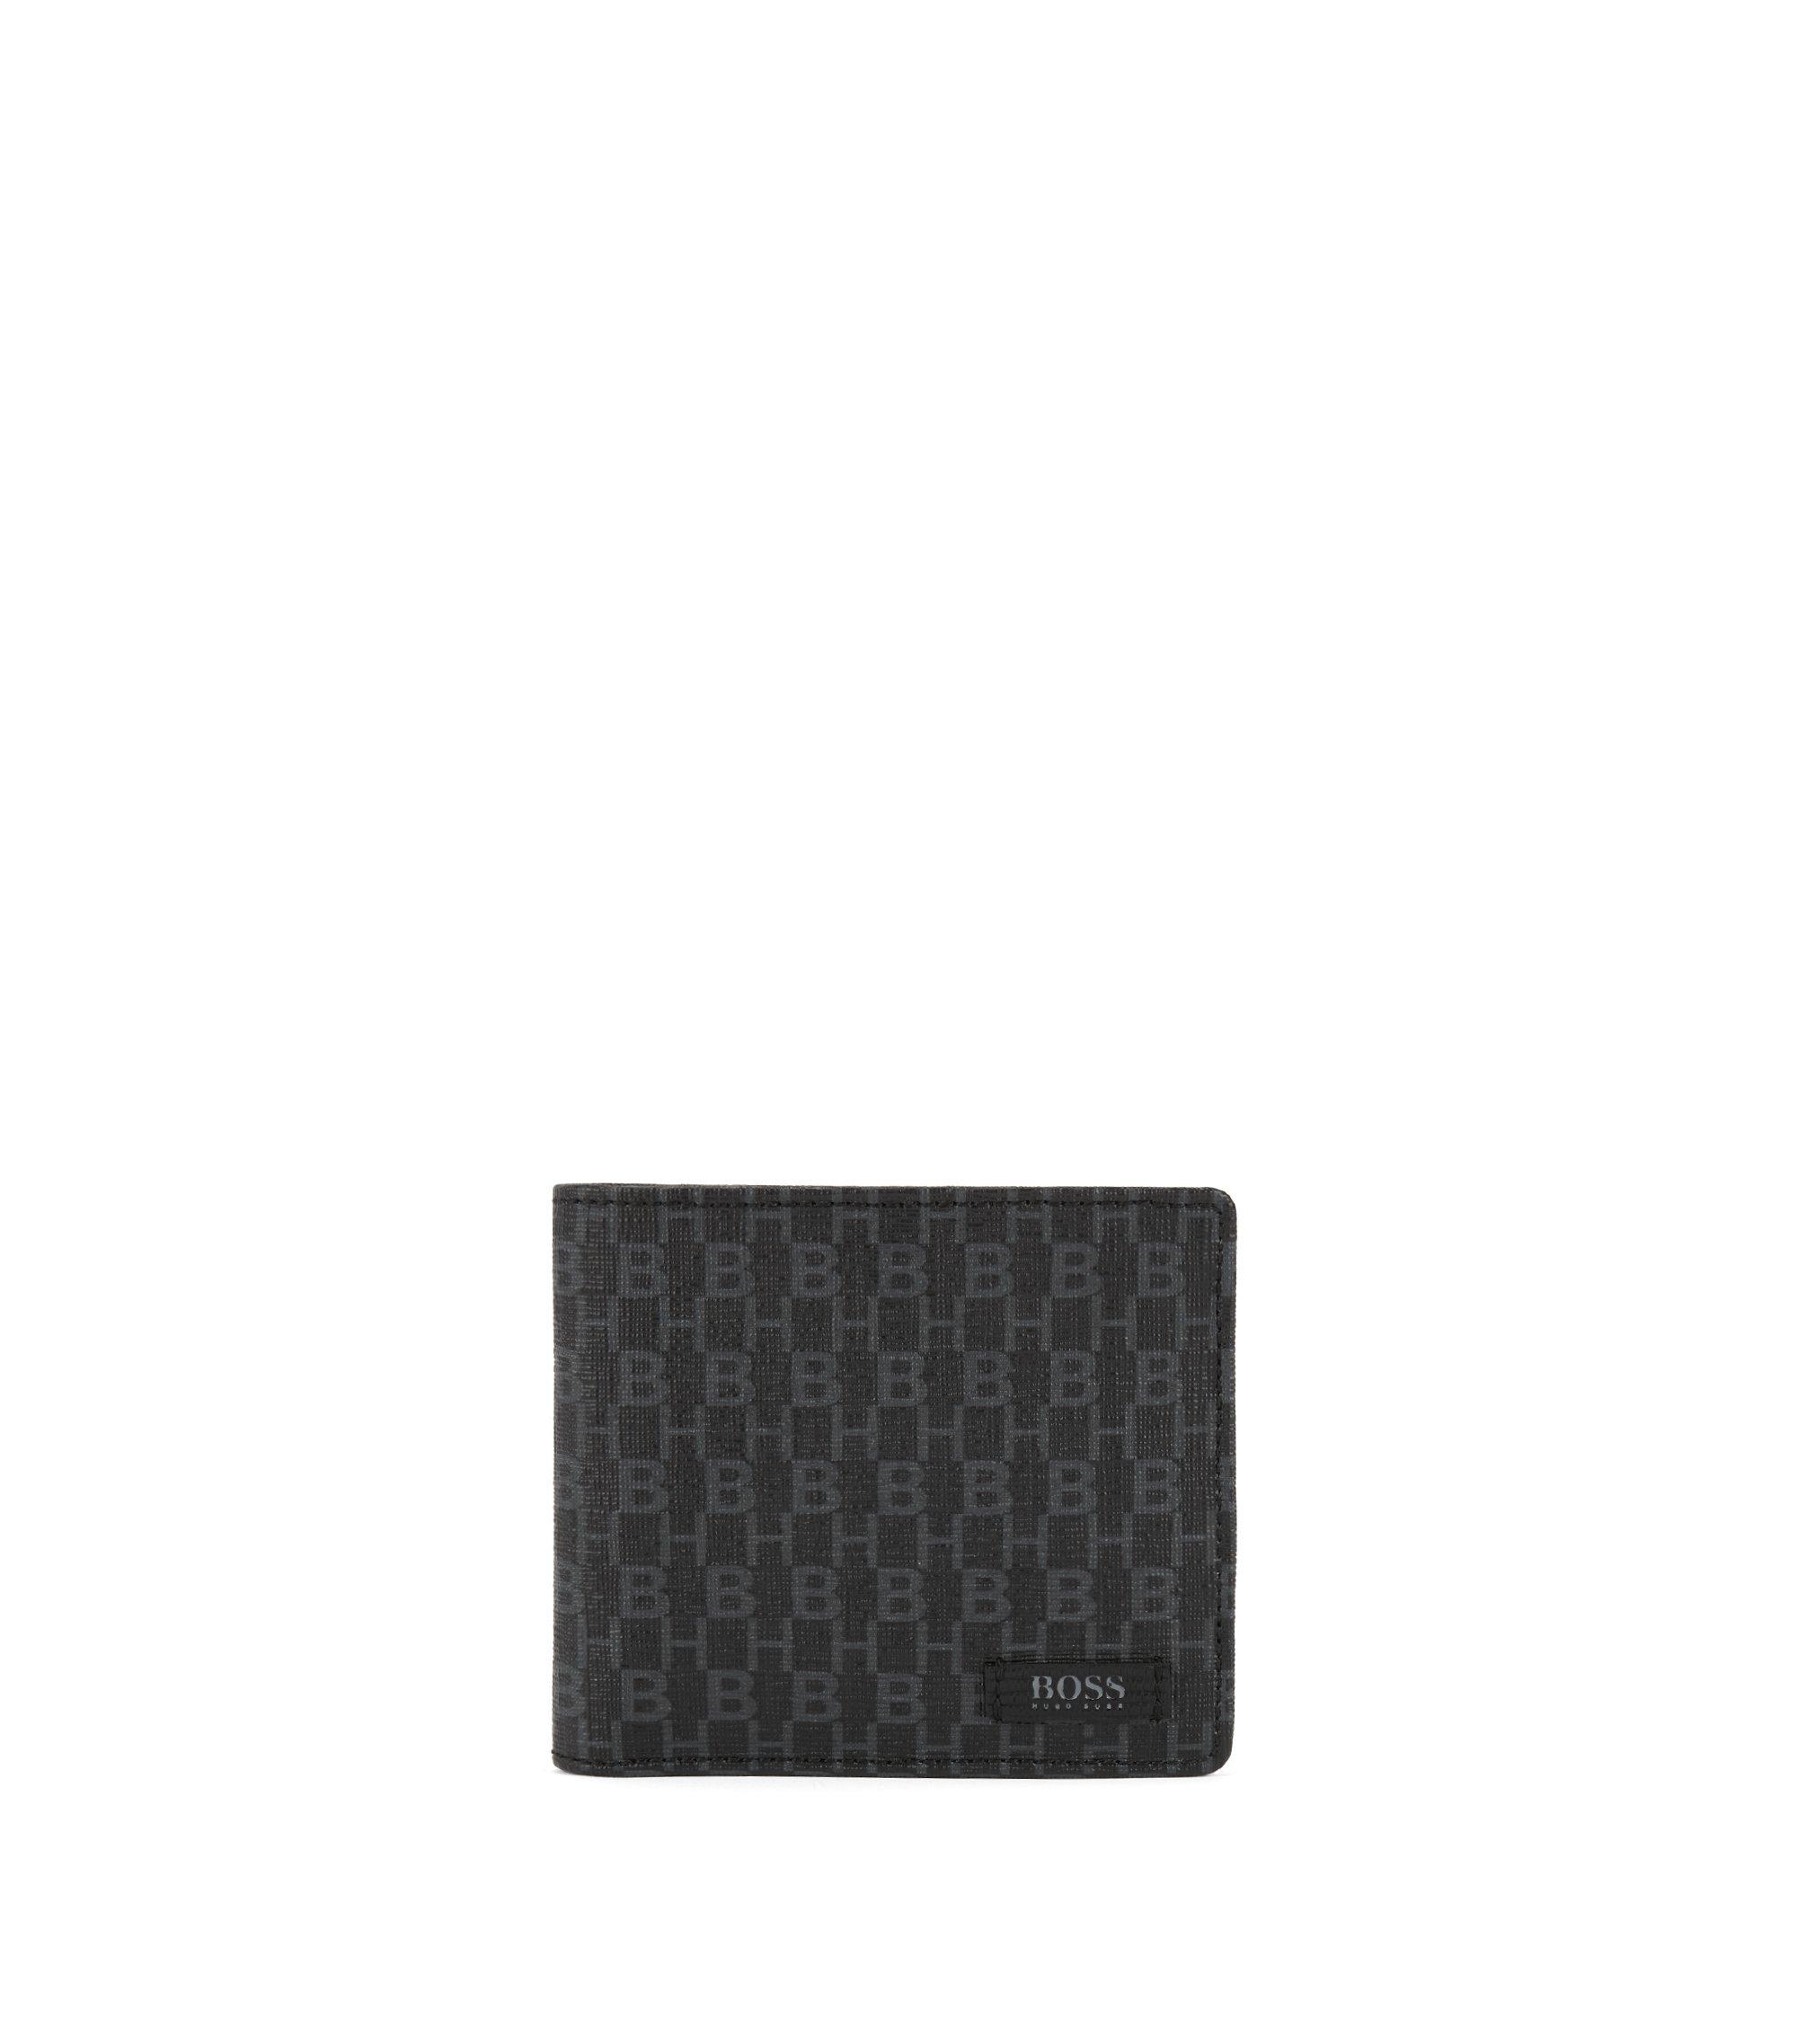 Beschichtete Klapp-Geldbörse mit HB-Print, Schwarz